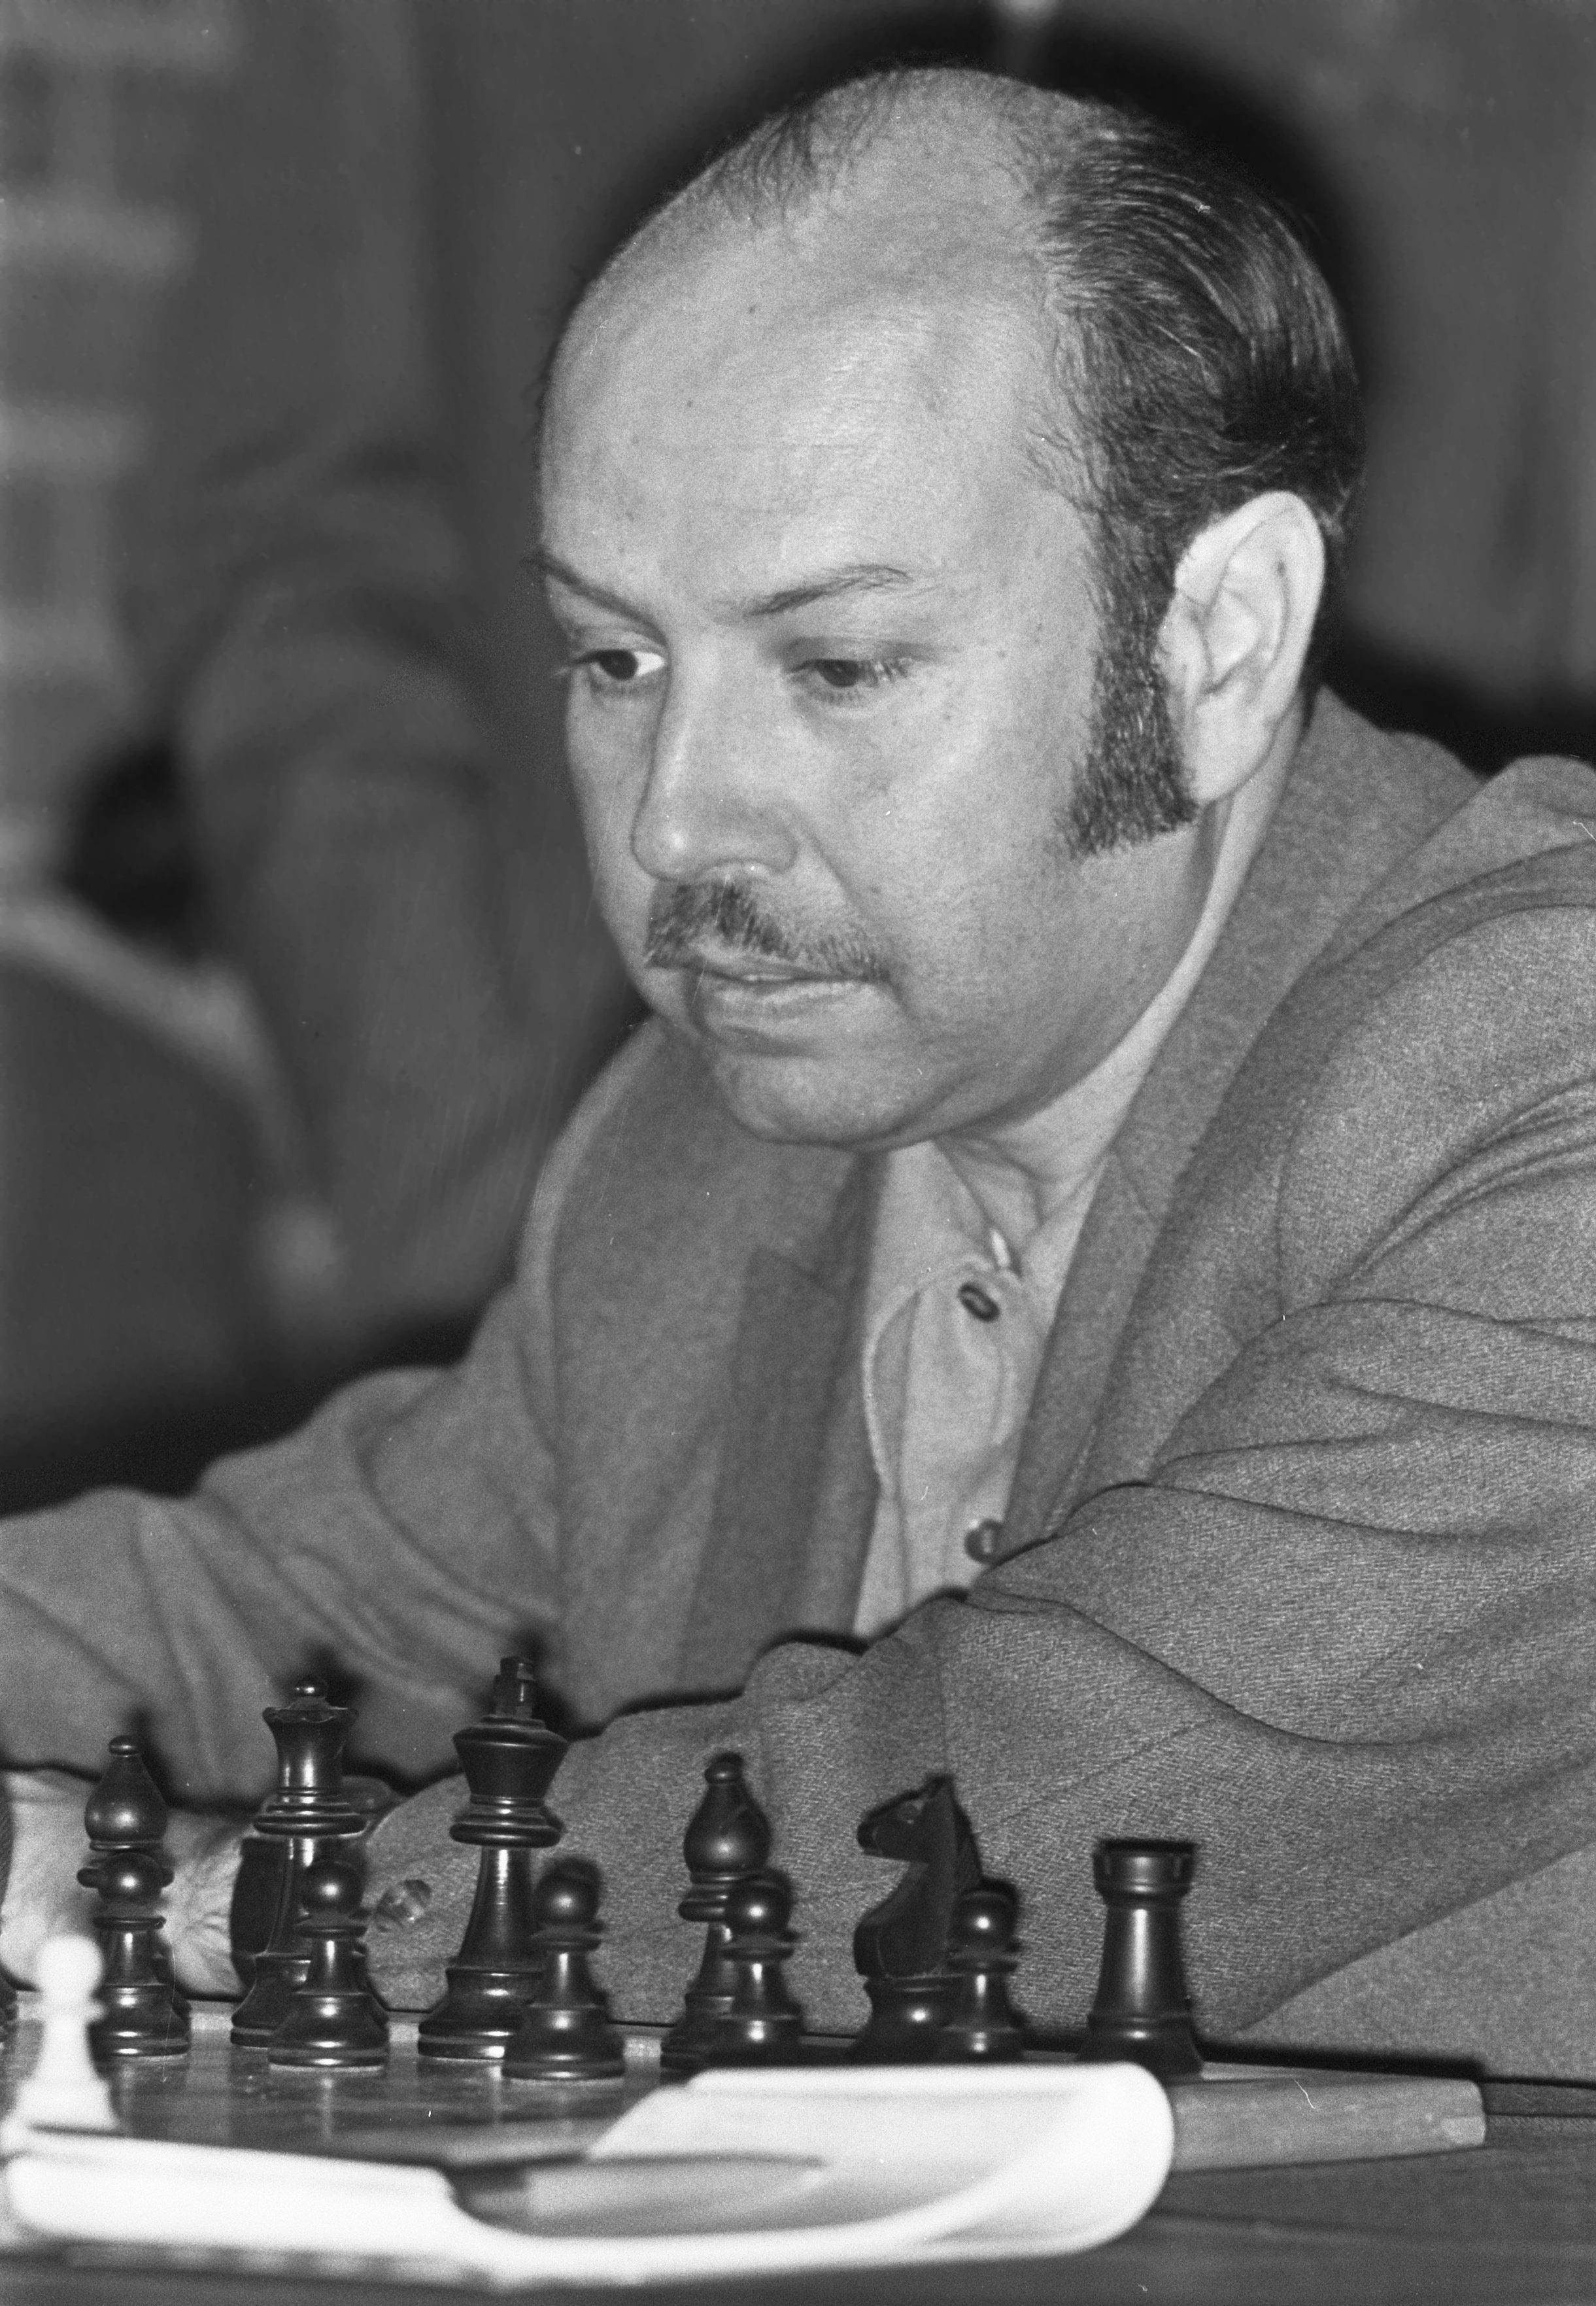 Arturo Pomar en 1972, cinco años antes de retirarse. | Imagen: Wikimedia.